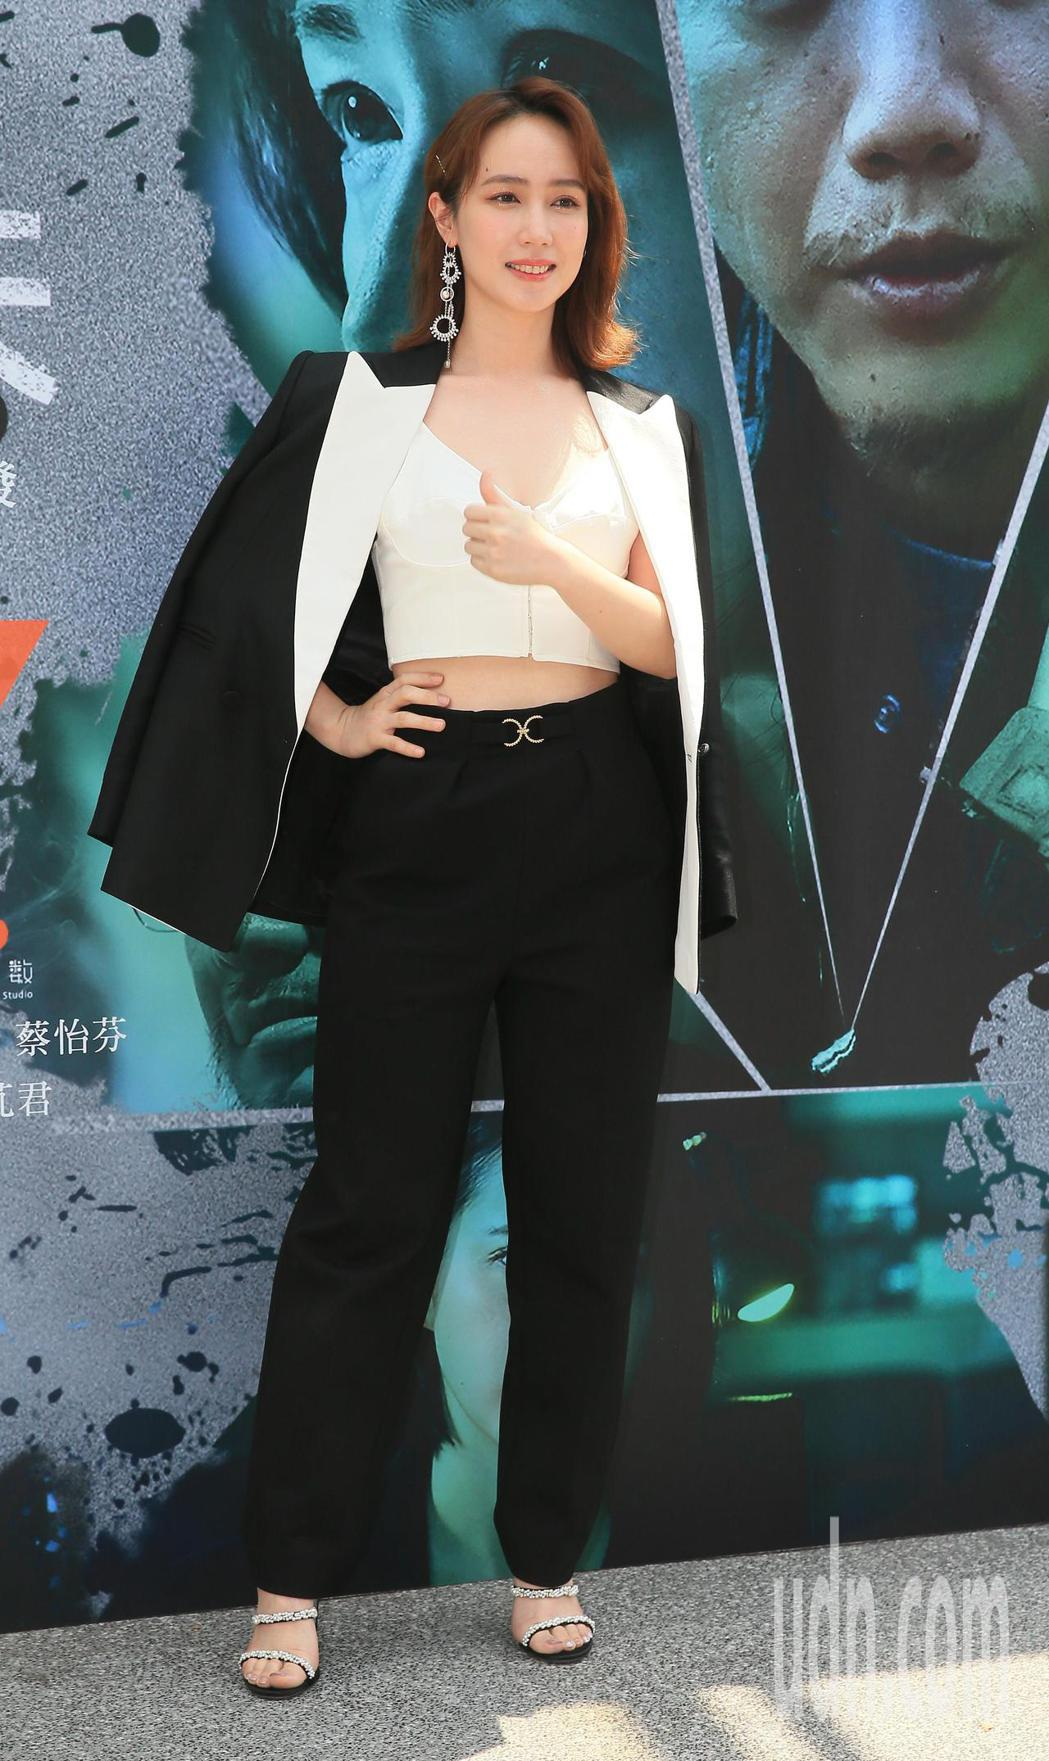 「追兇500天」首映會今天舉行,主要演員小薰出席。記者潘俊宏/攝影